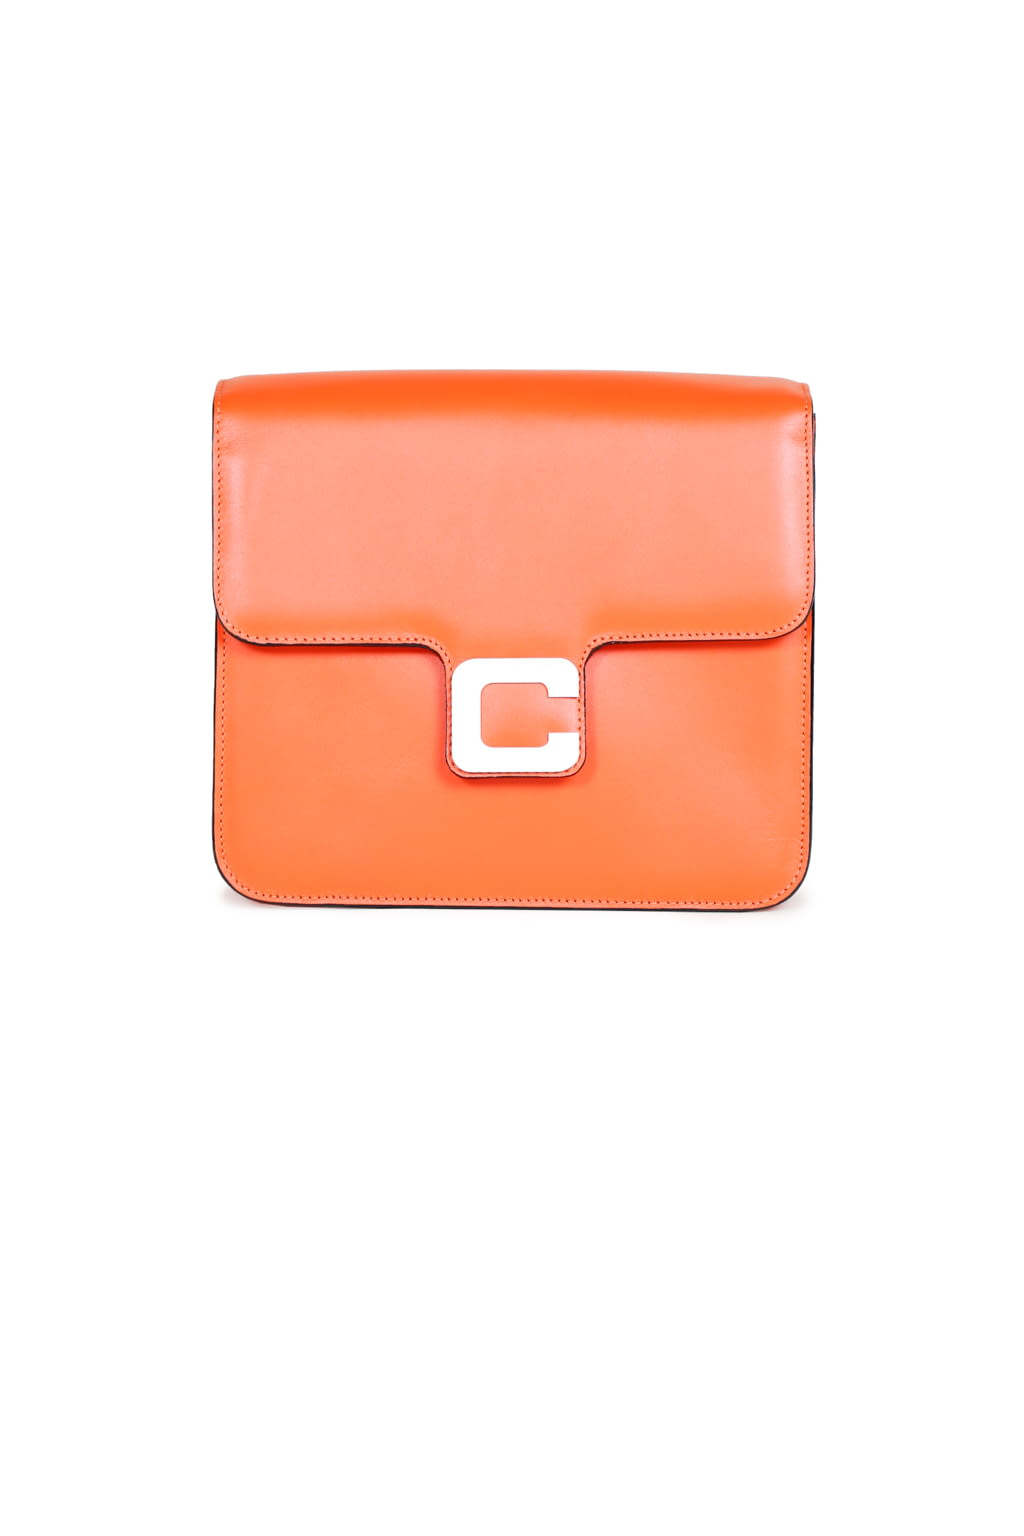 Fashion Week Paris Spring/Summer 2020 look 25 de la collection Carel womenswear accessories